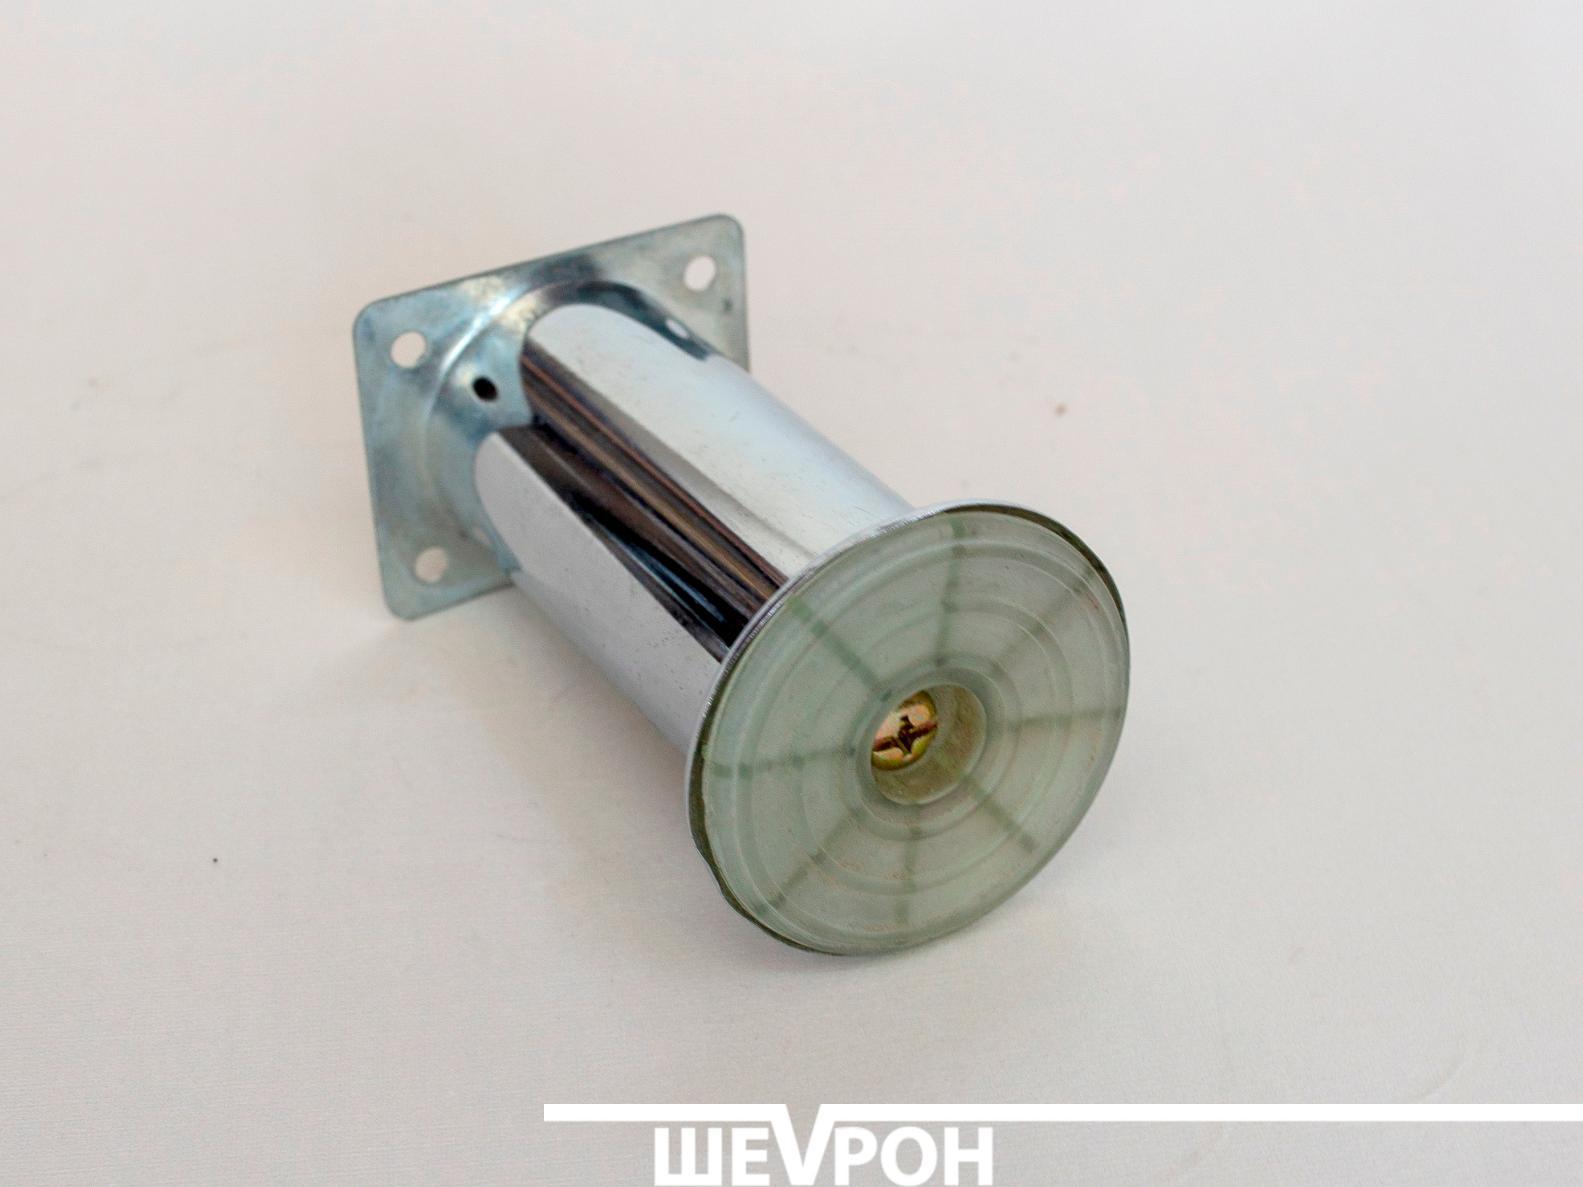 картинка Опора КА 0224-5Н/100/0.6 от магазина Шеврон